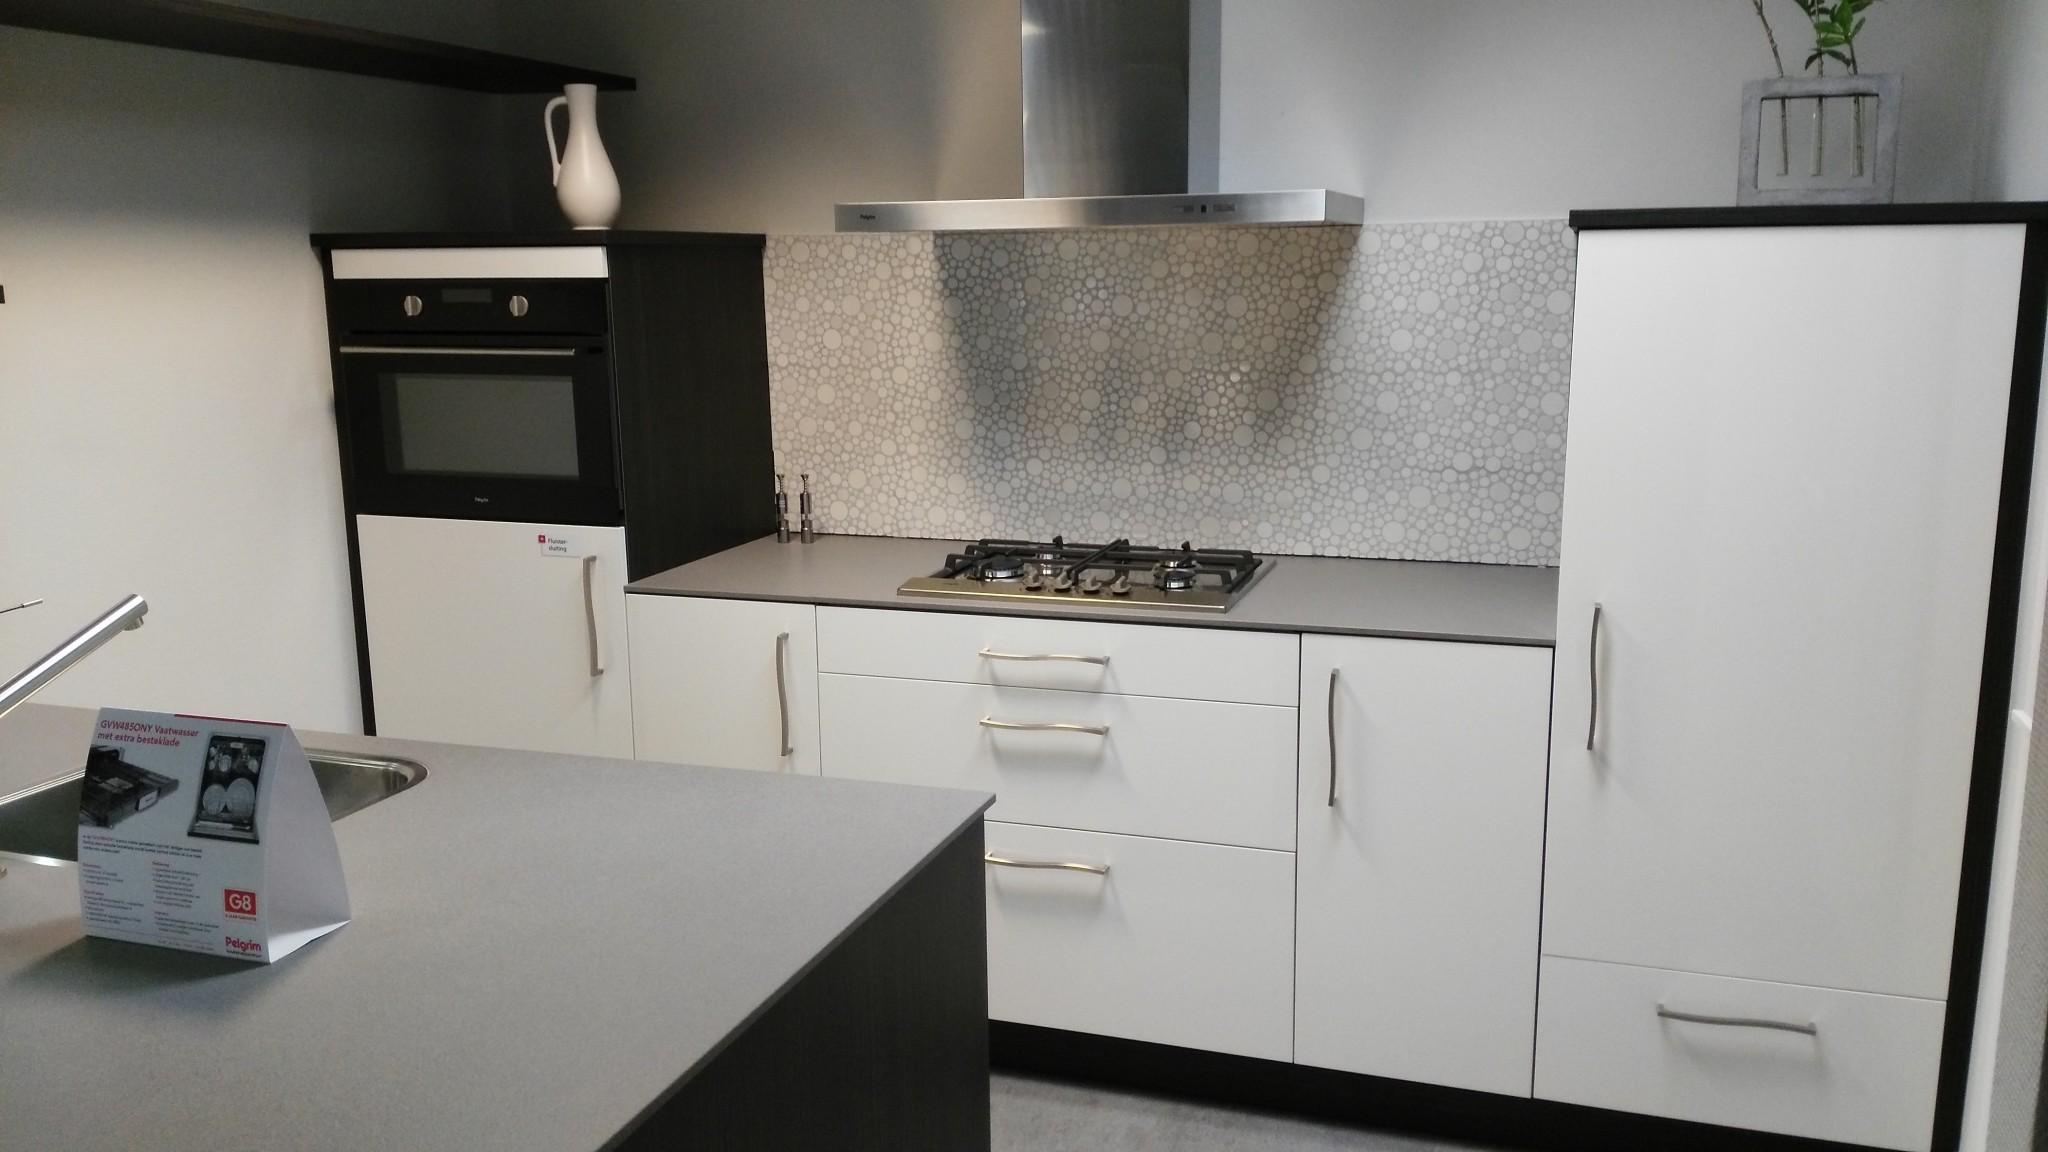 Moderne schroder eilandkeuken kremer keukens showroom opruiming - Moderne apparaten ...